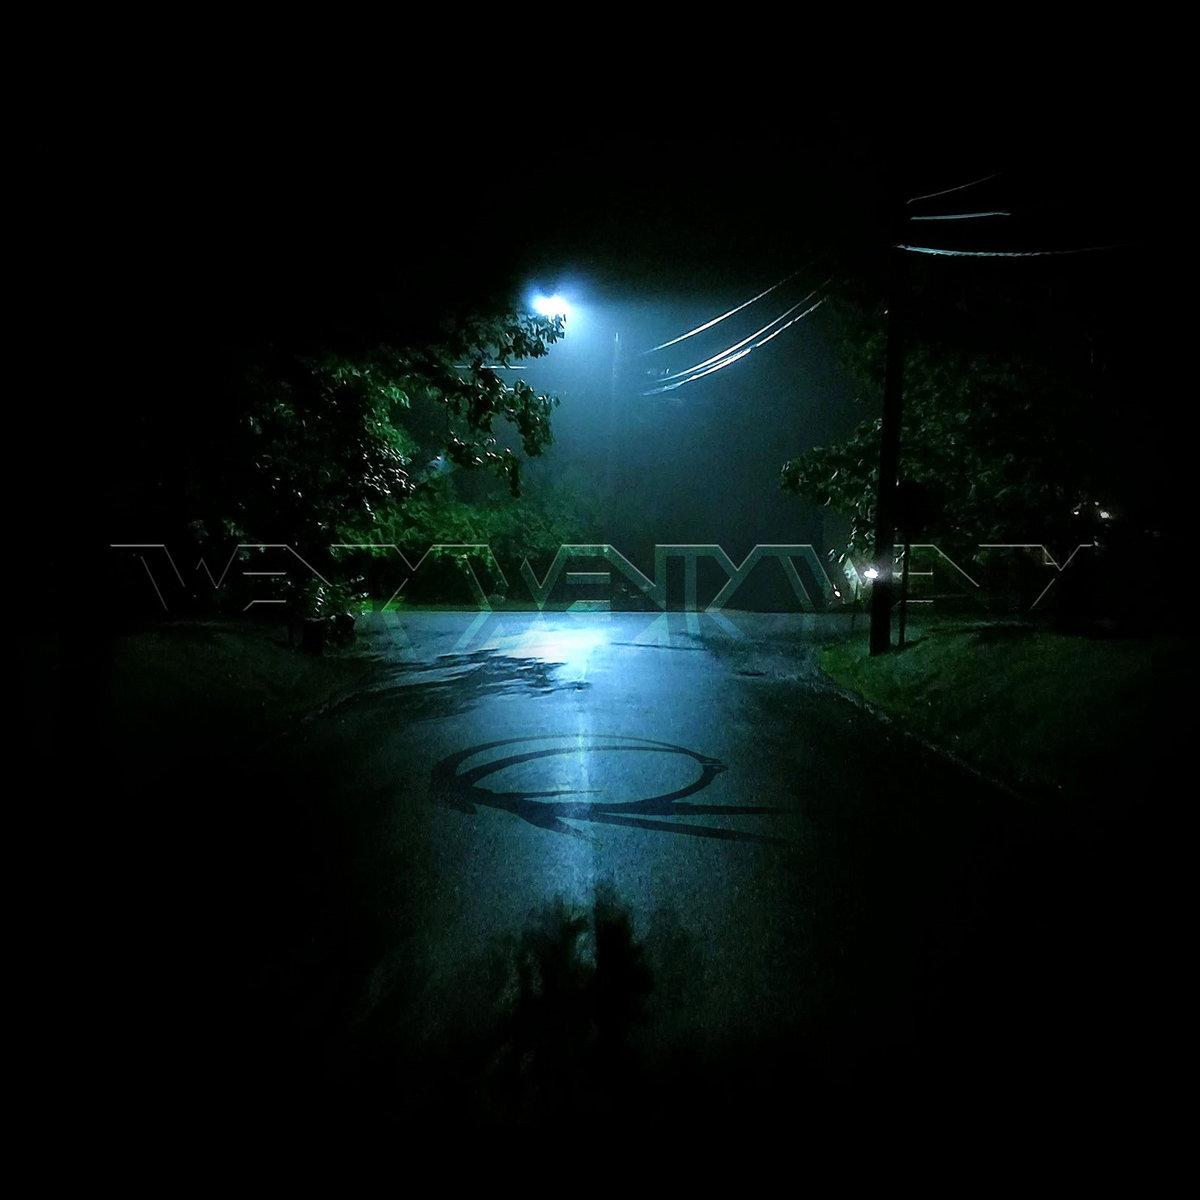 Torrential Downpour - TwentyTwentyTwenty